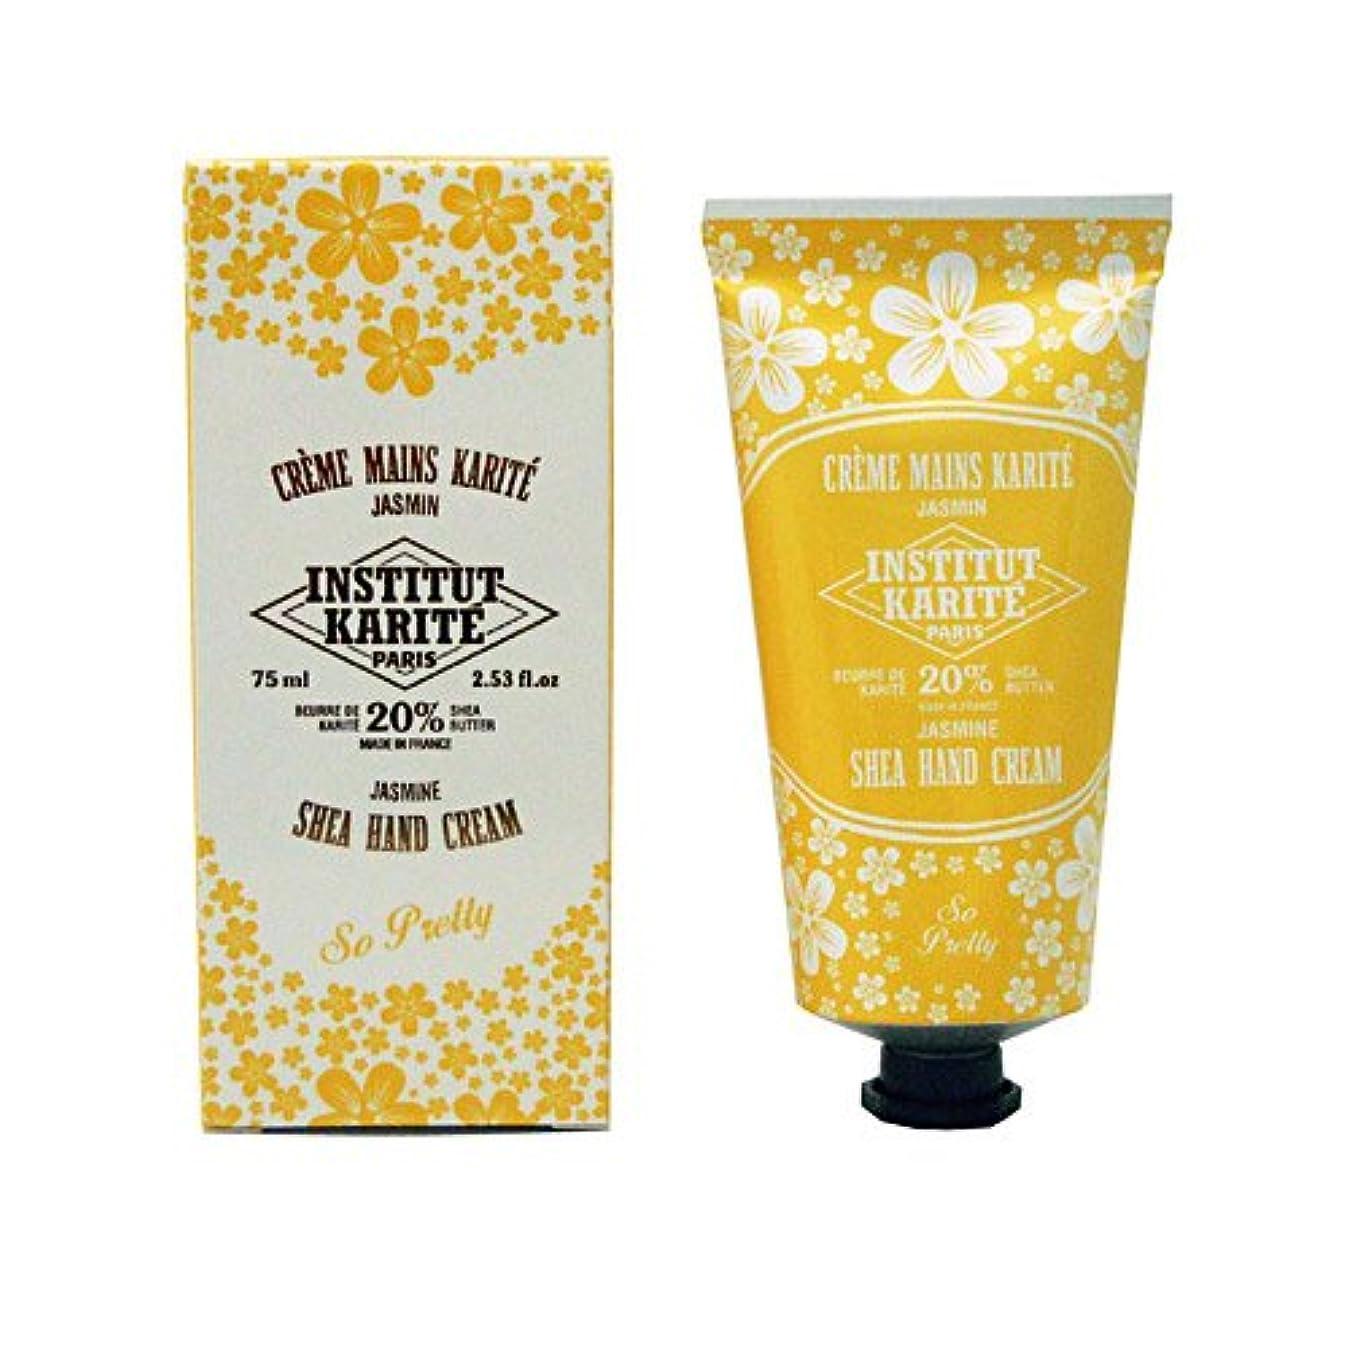 持つ実質的に換気するINSTITUT KARITE カリテ Hand Cream 75ml(ハンドクリーム) Jasmine ジャスミン